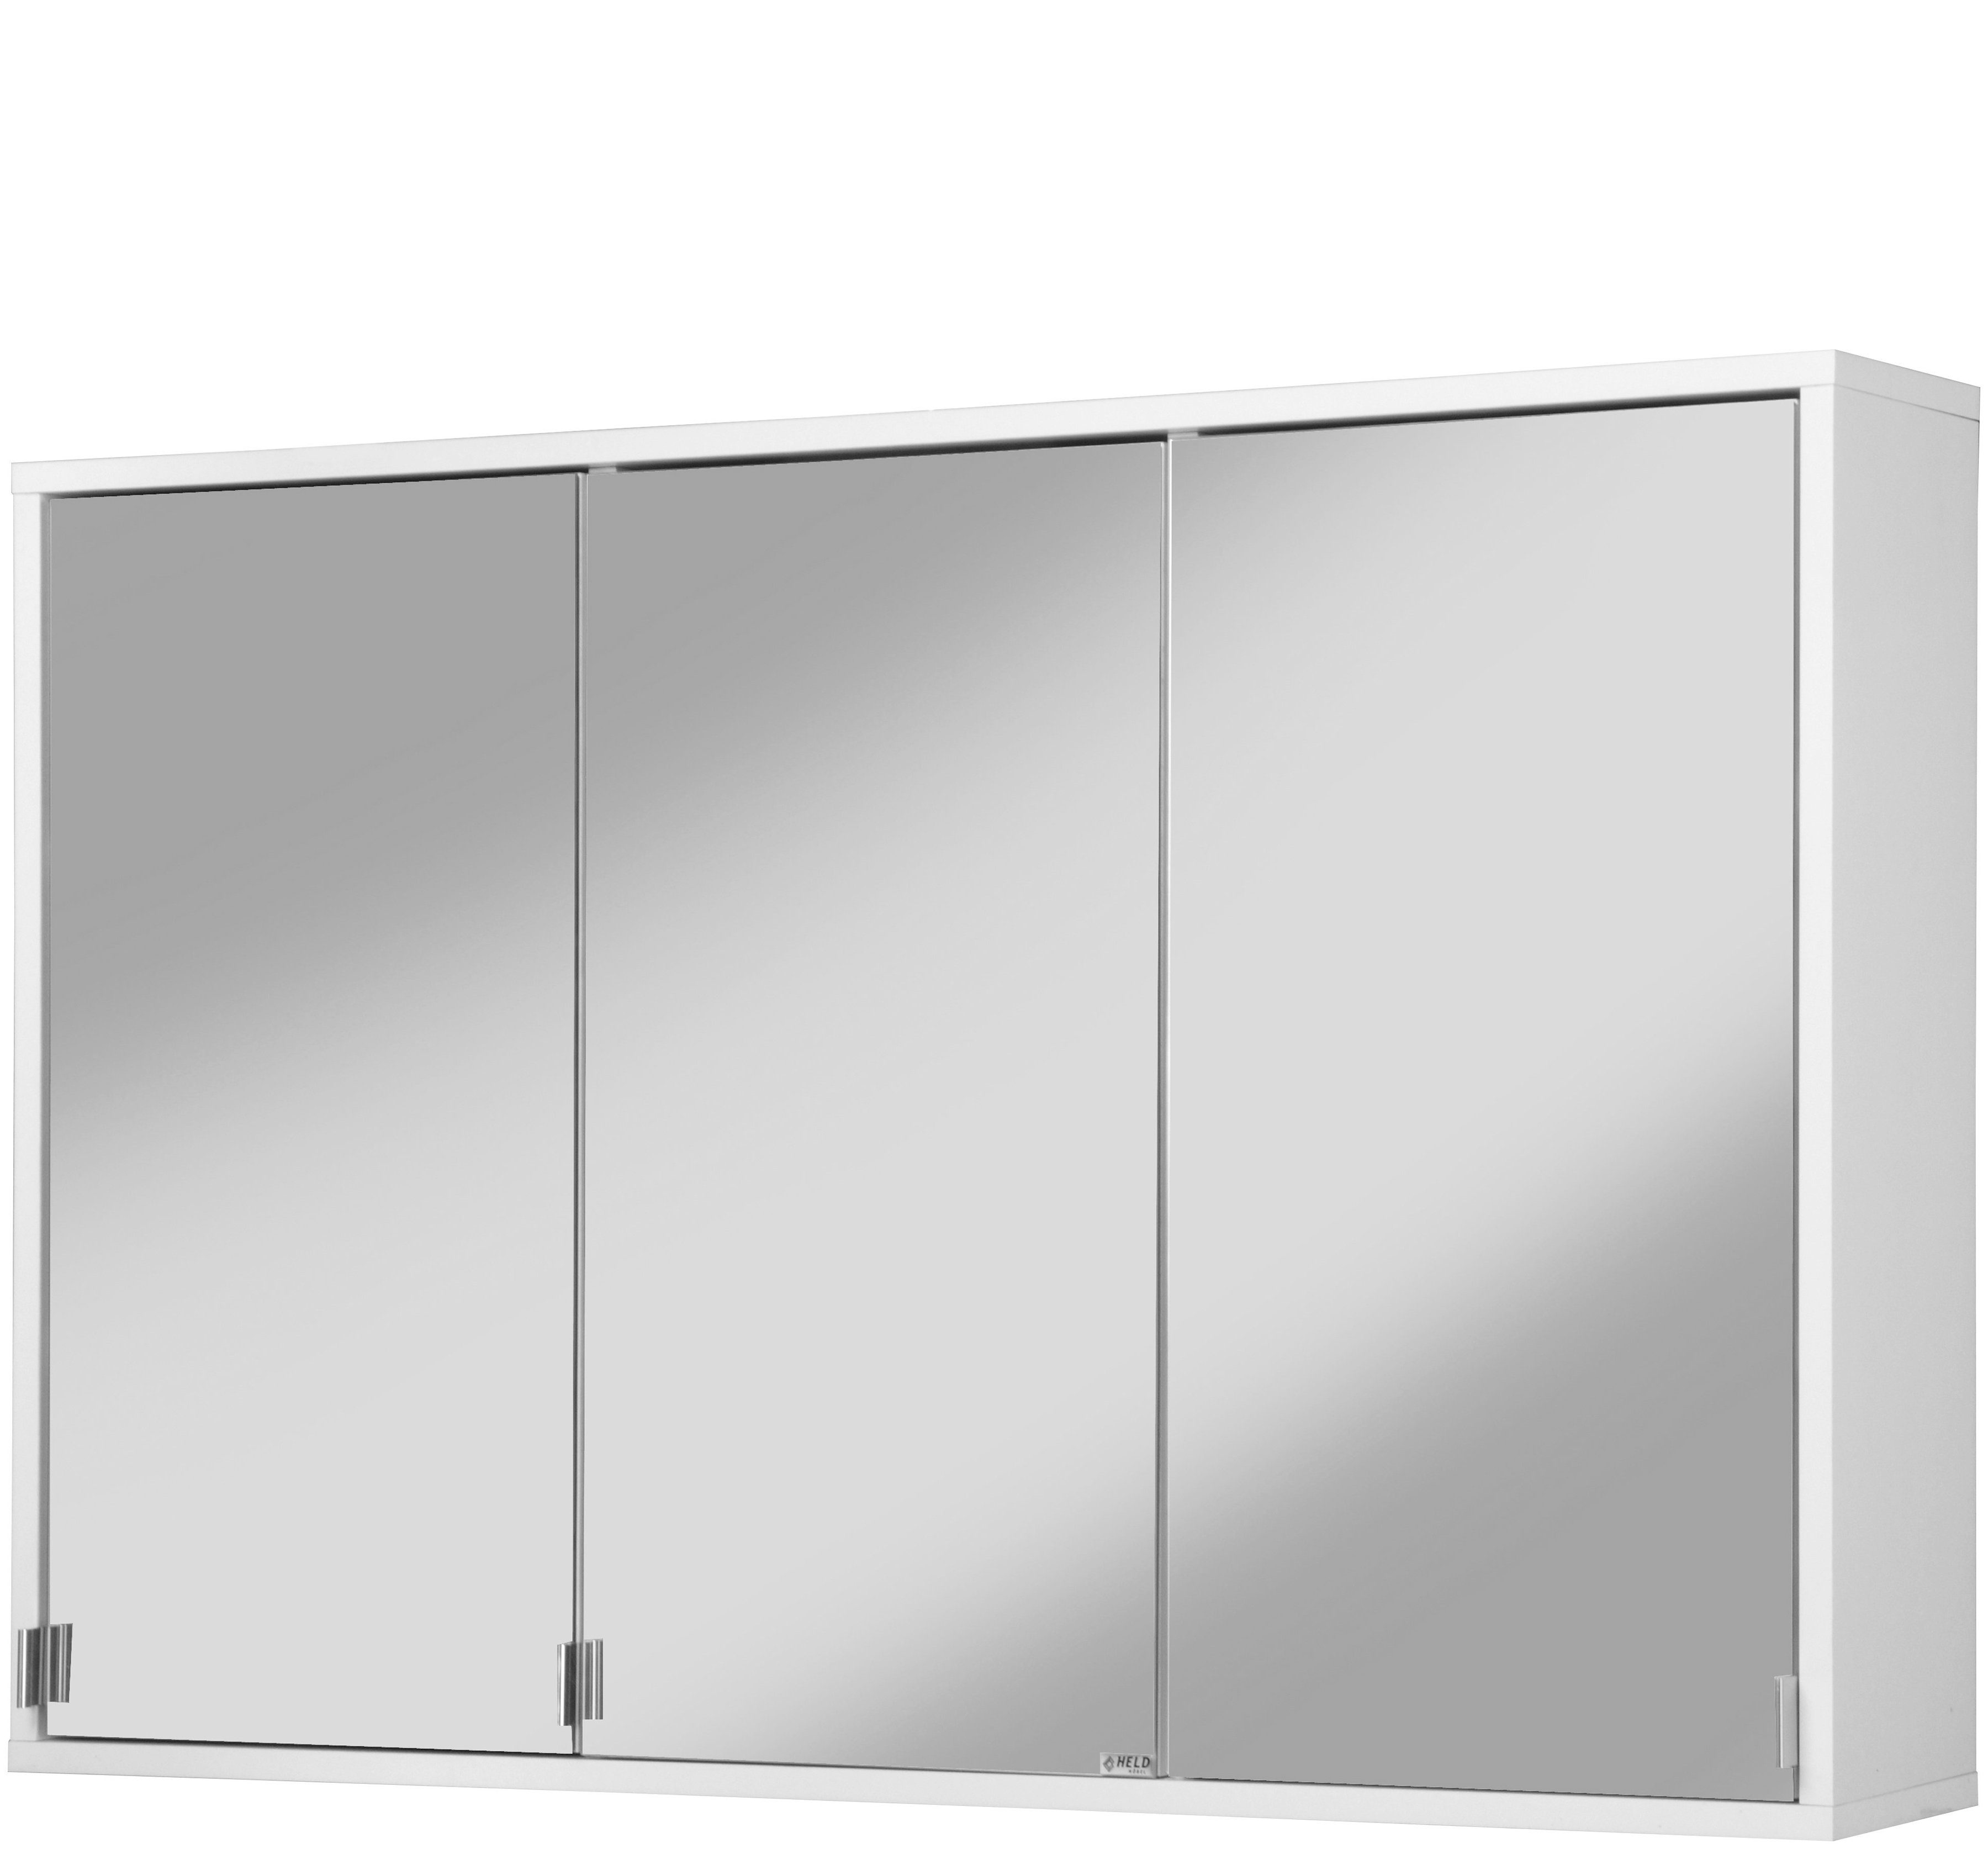 HELD MÖBEL Spiegelschrank »Retro«, Breite 100 cm